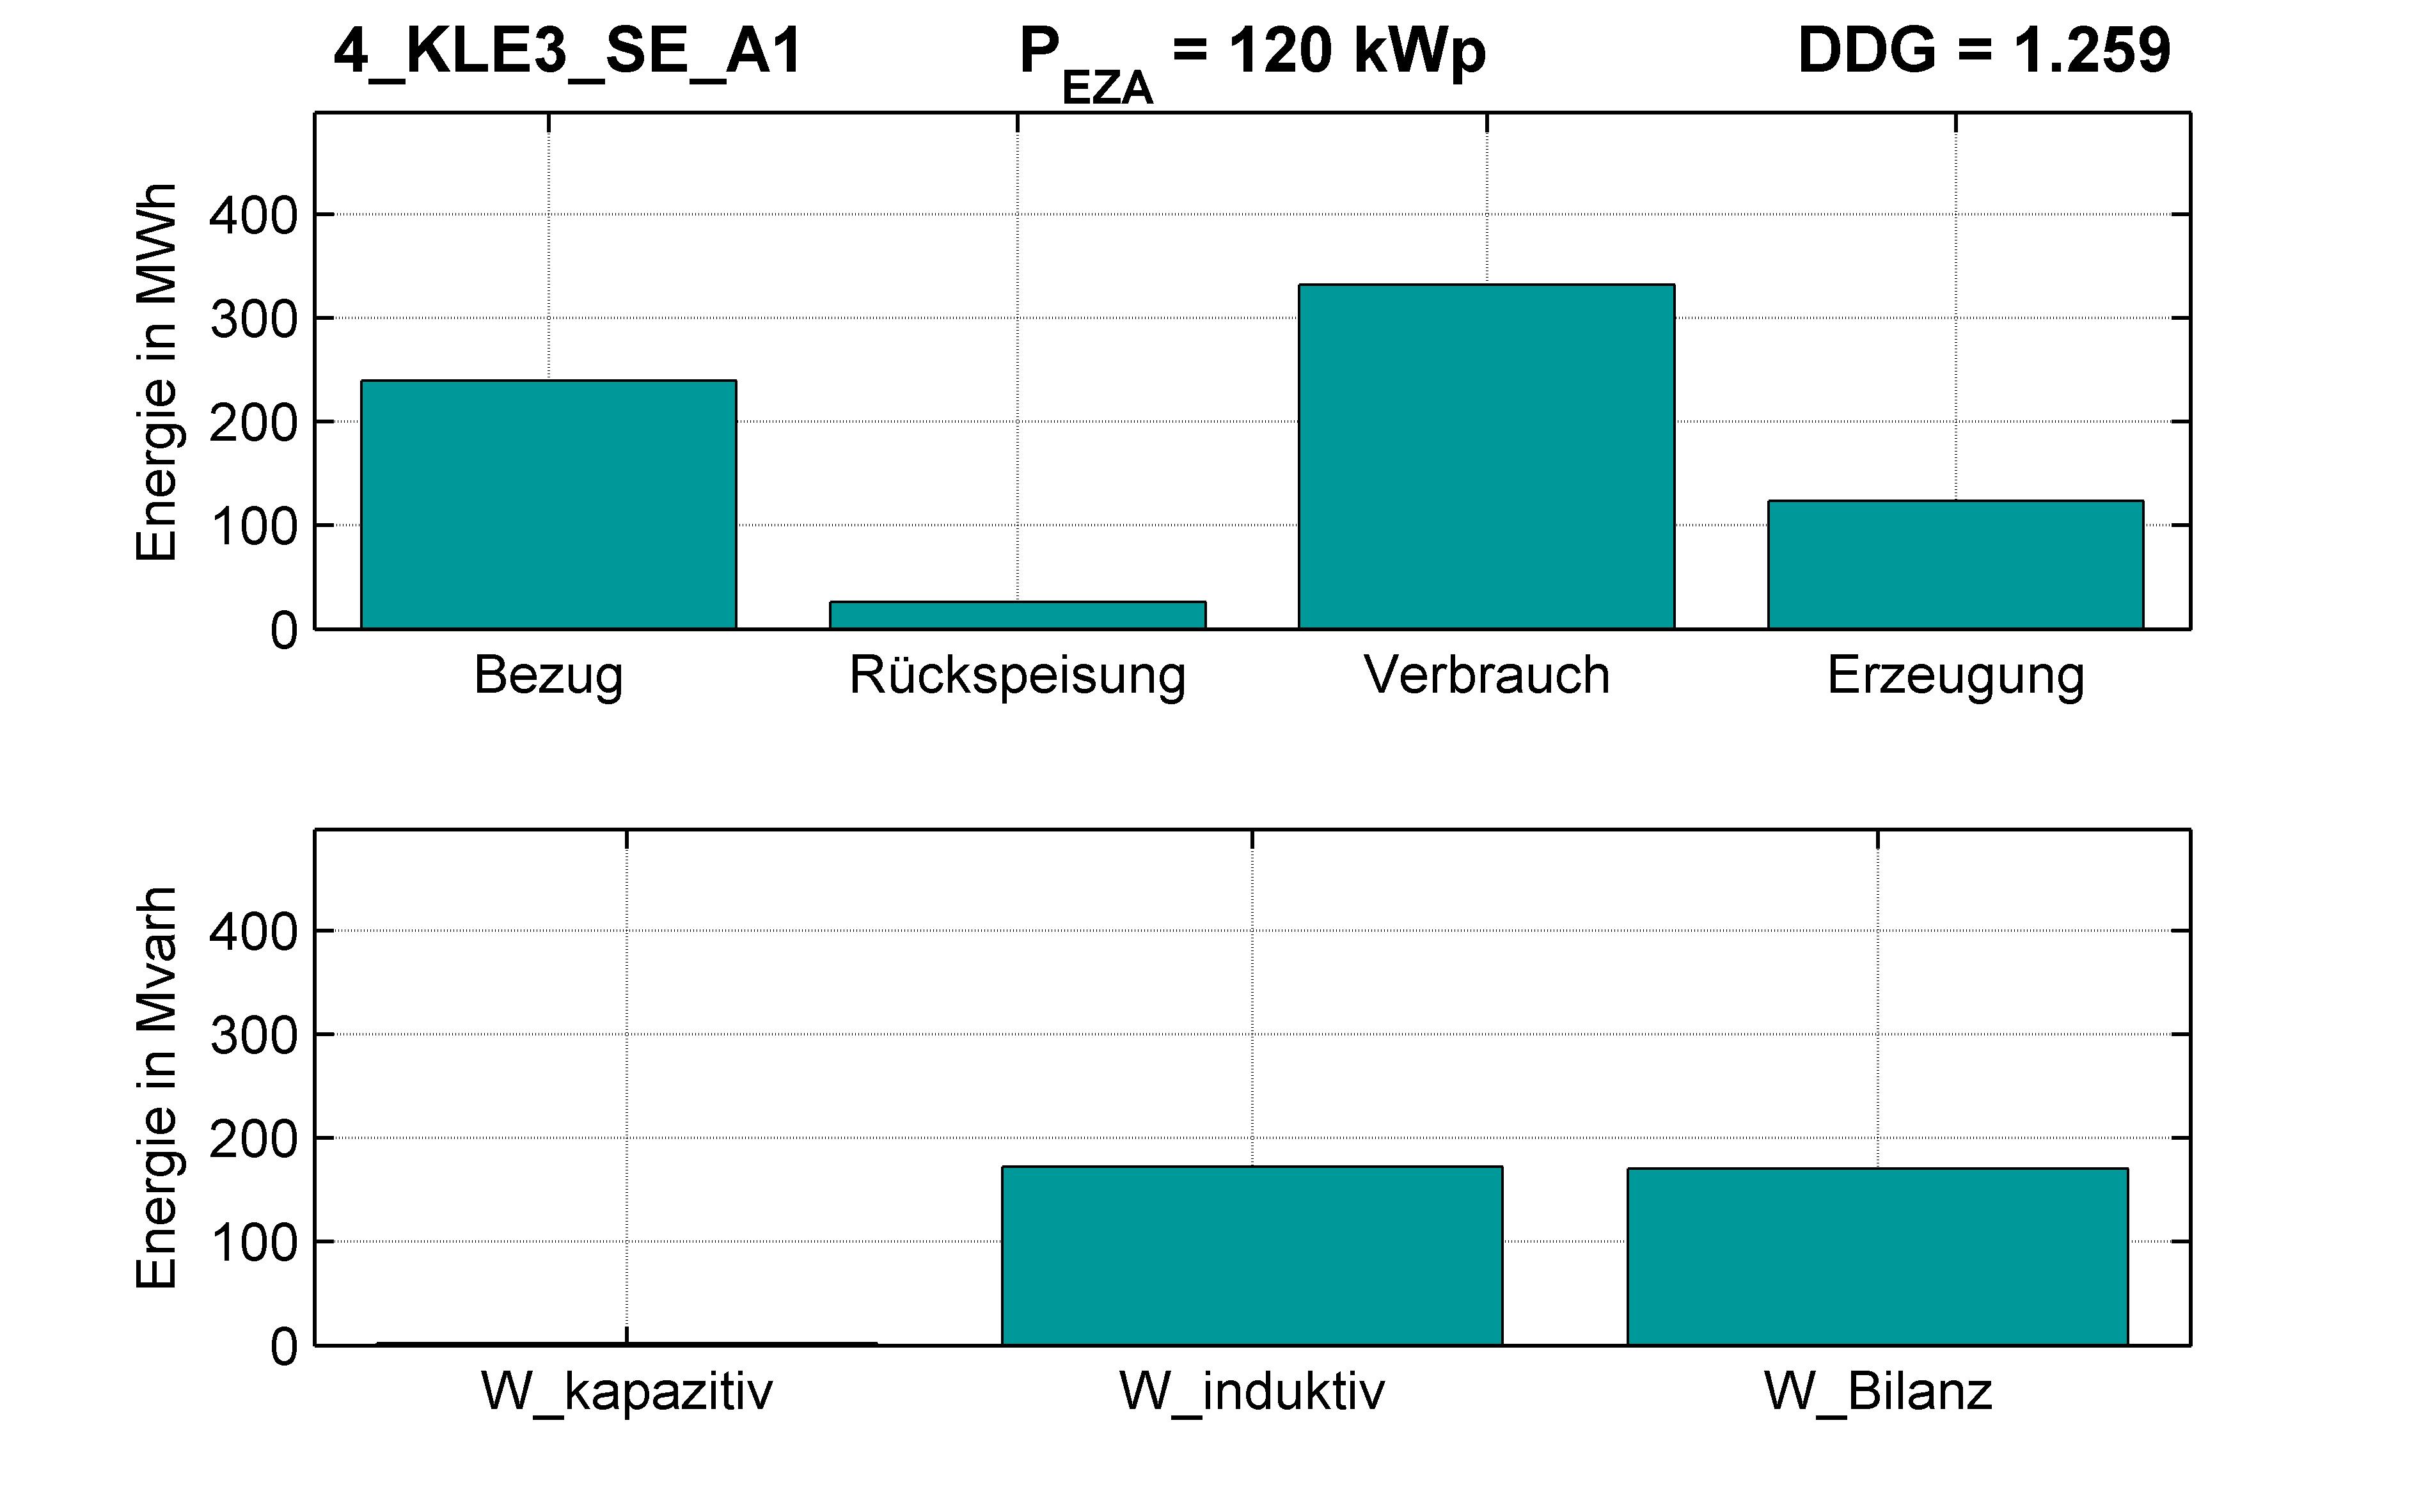 KLE3 | P-Kappung 55% (SE) A1 | PQ-Bilanz